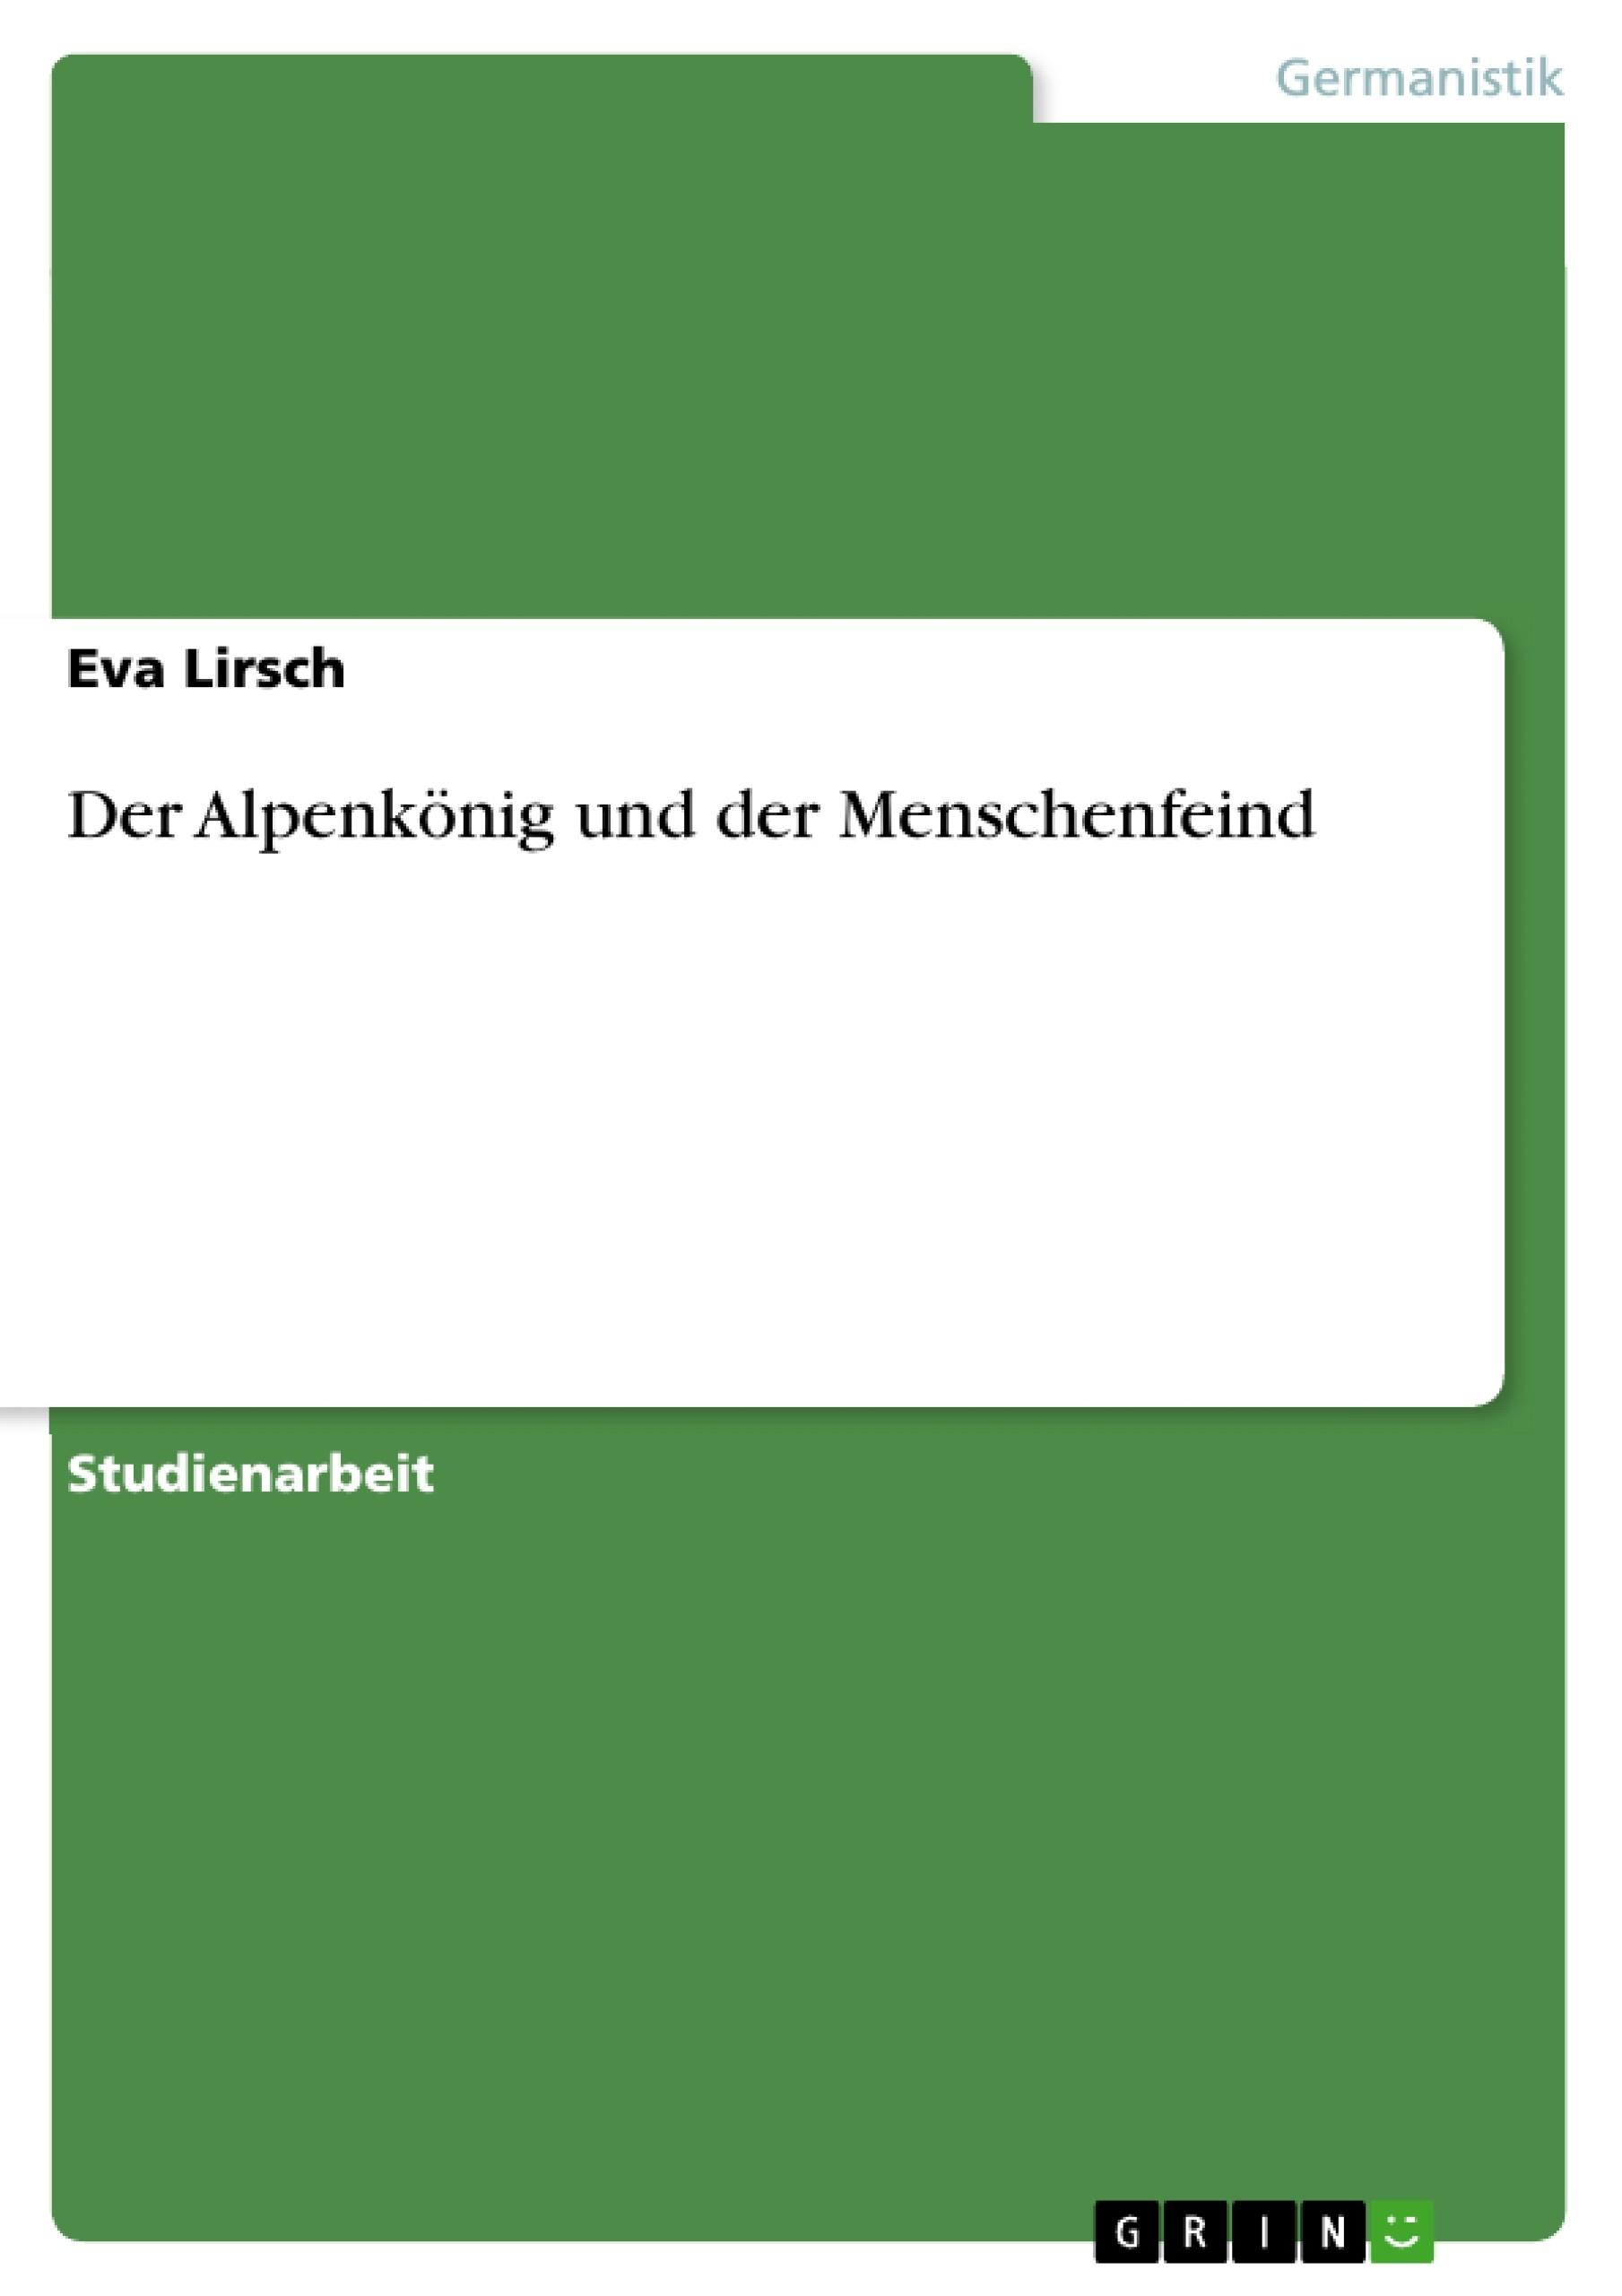 Titel: Der Alpenkönig und der Menschenfeind